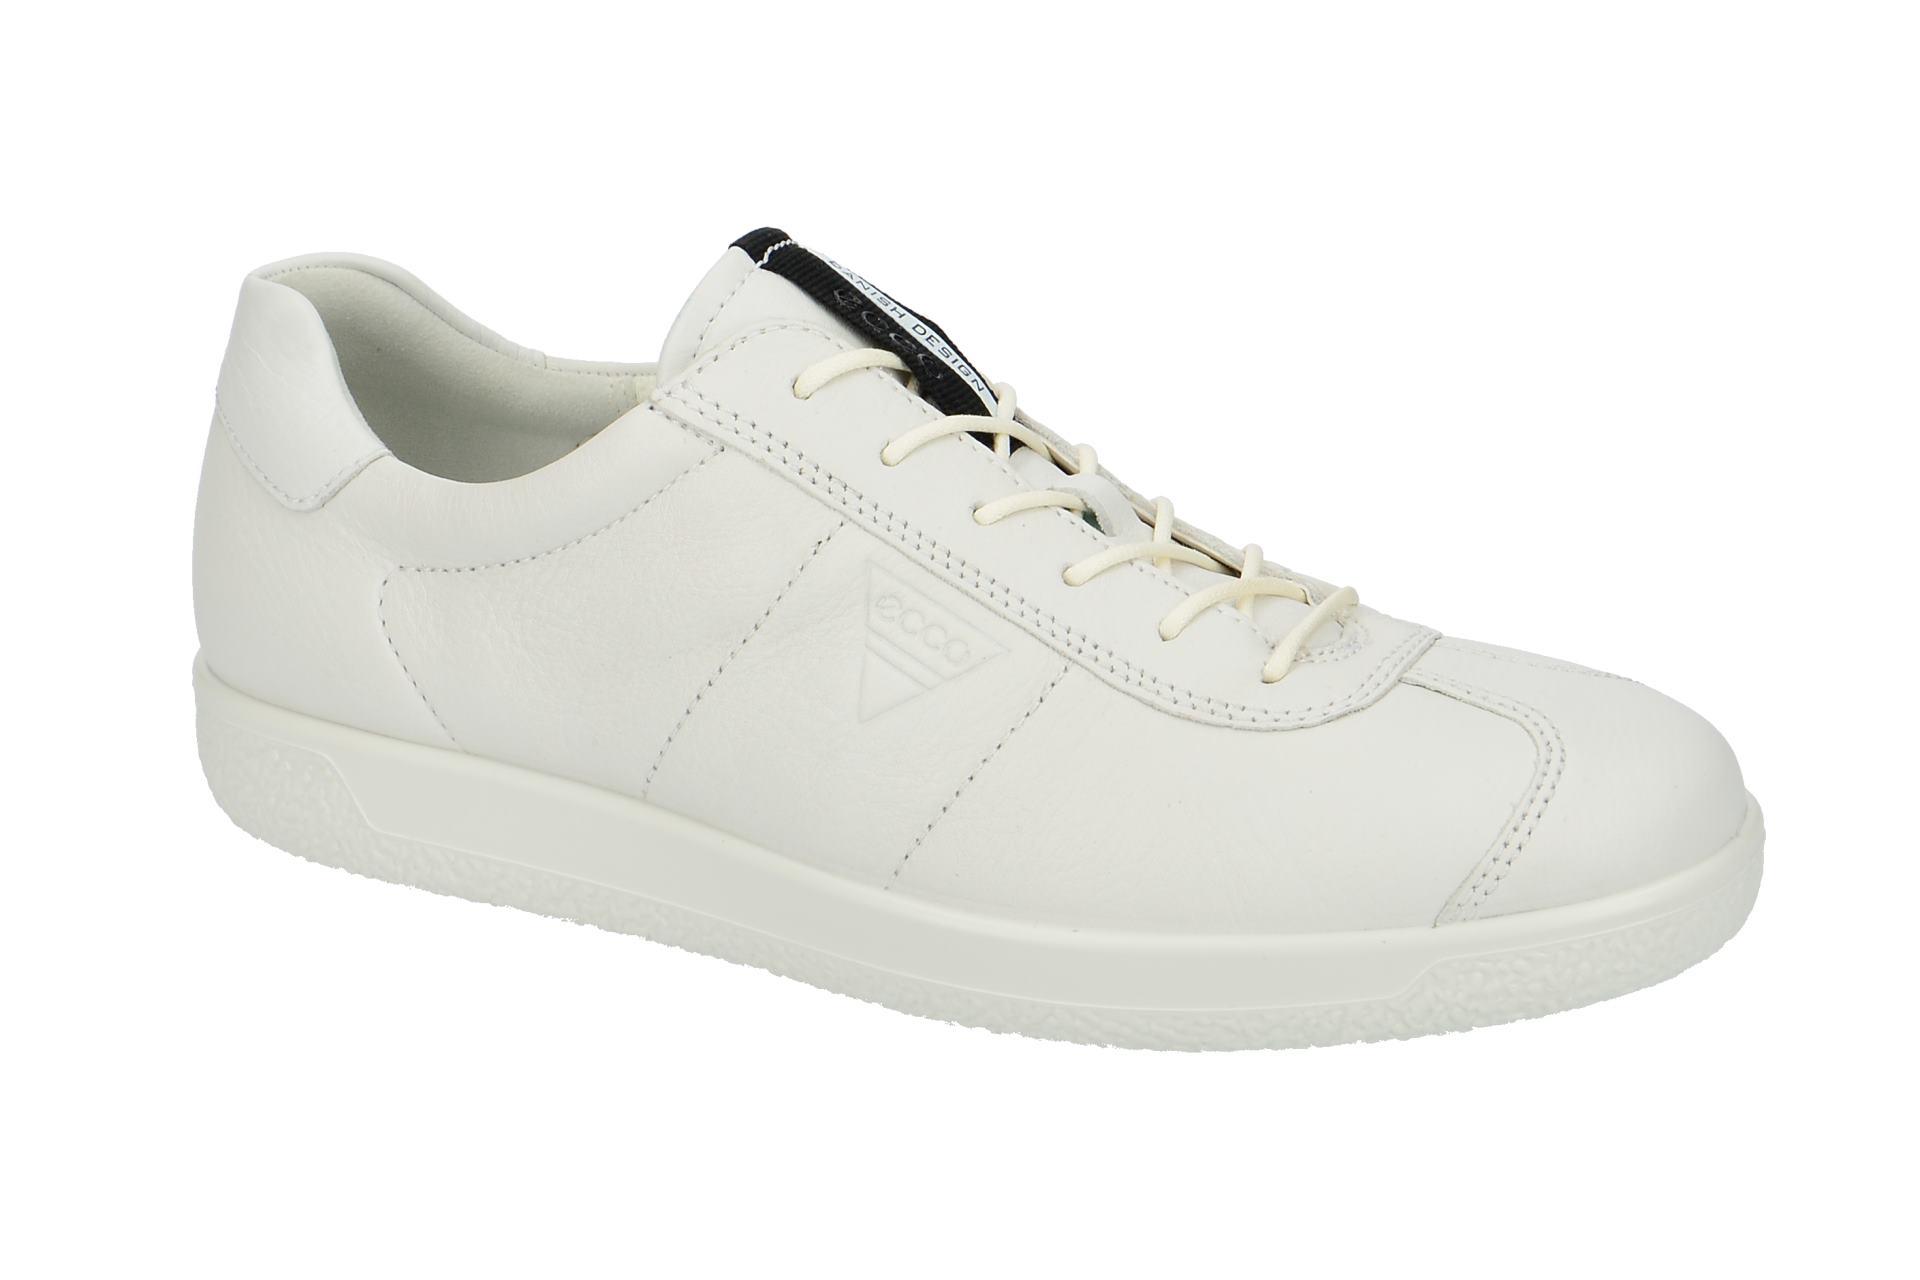 Halbschuhe Weiß Schuhe Schnür Bequeme Men`s 1 Soft Ecco Herrenschuhe pBq8x4g